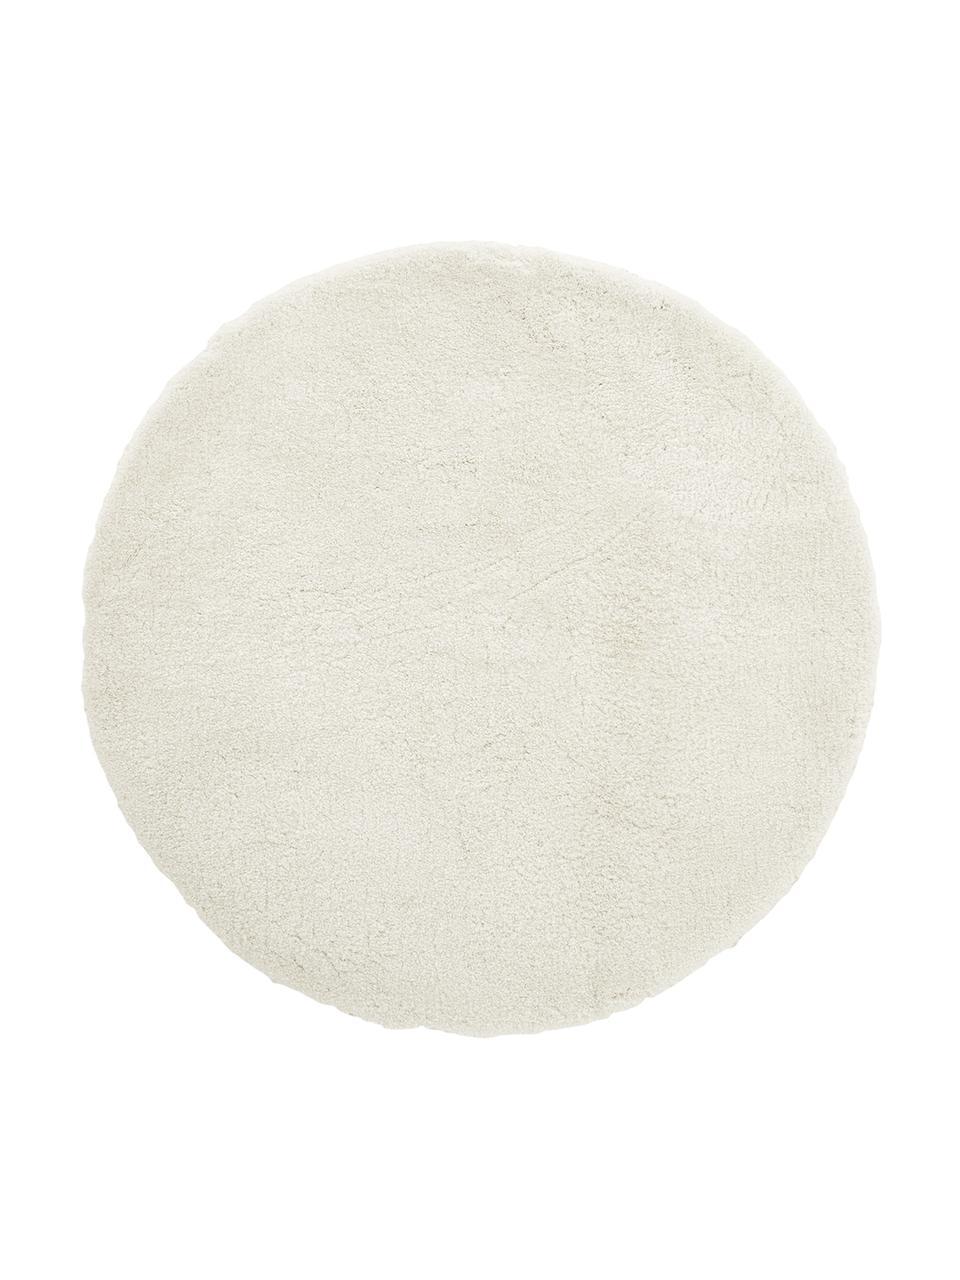 Tappeto rotondo a pelo lungo color crema Leighton, Retro: 100% poliestere, Crema, Ø 120 cm (taglia S)